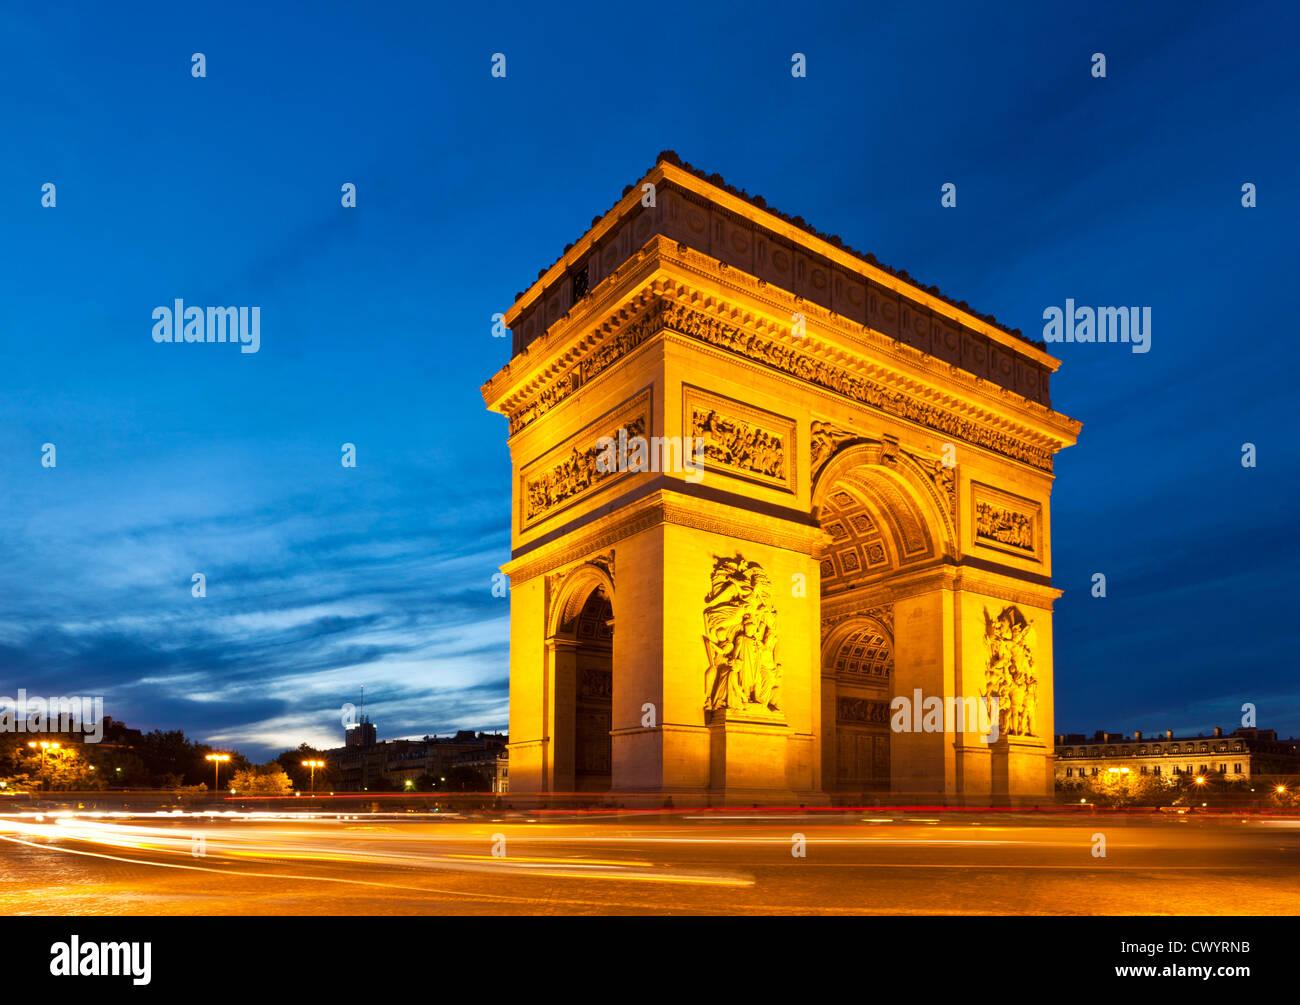 Feu de circulation pédestre autour de Napoléons Arc de Triomphe Place Charles de Gaulle Champs-Elysées Photo Stock